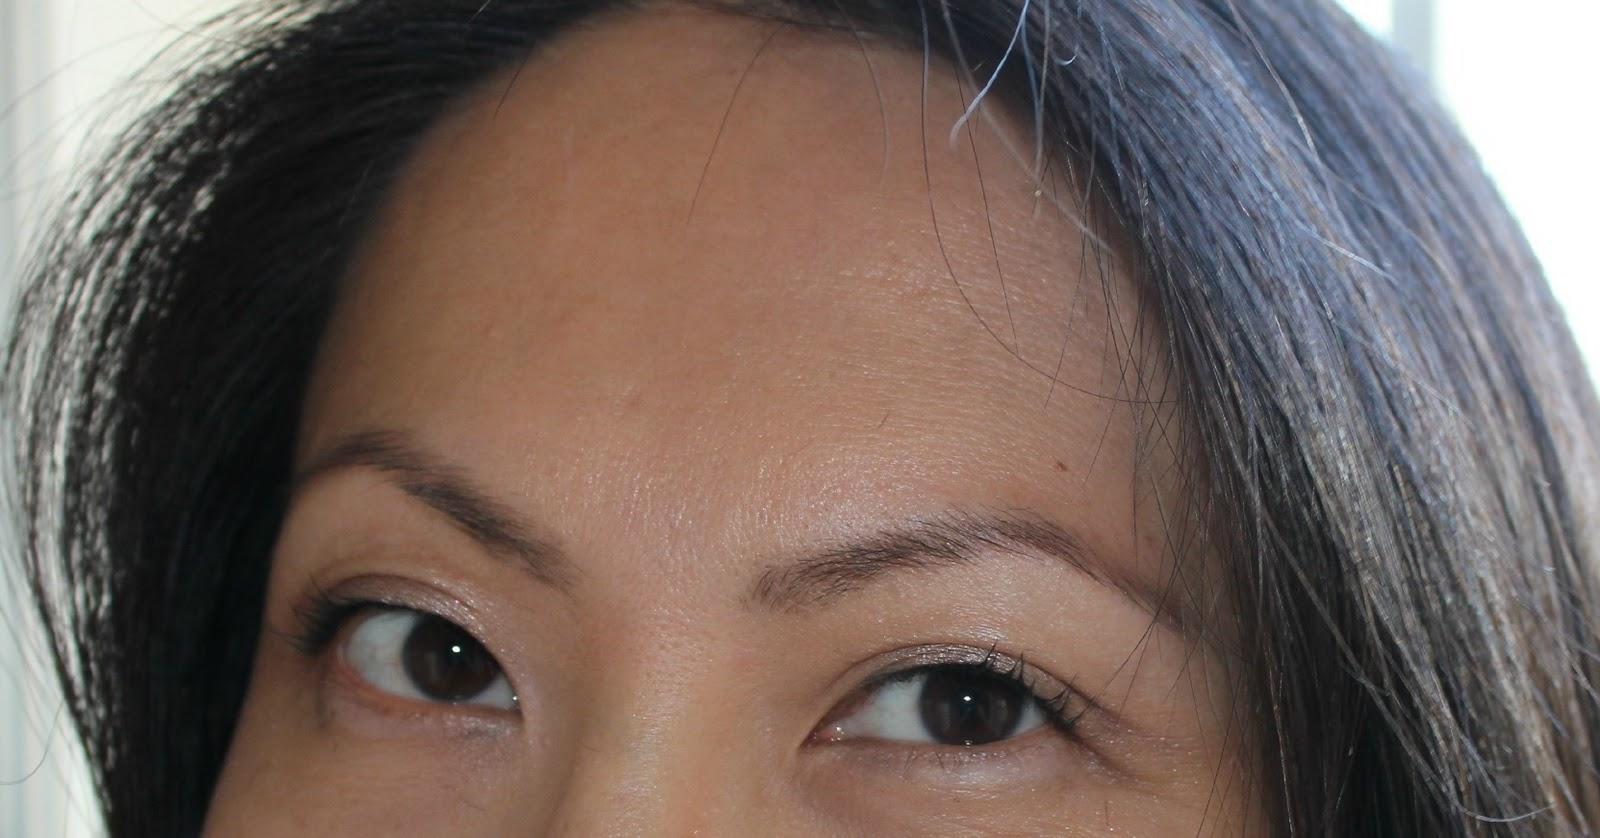 eyebrow waxing gone wr...